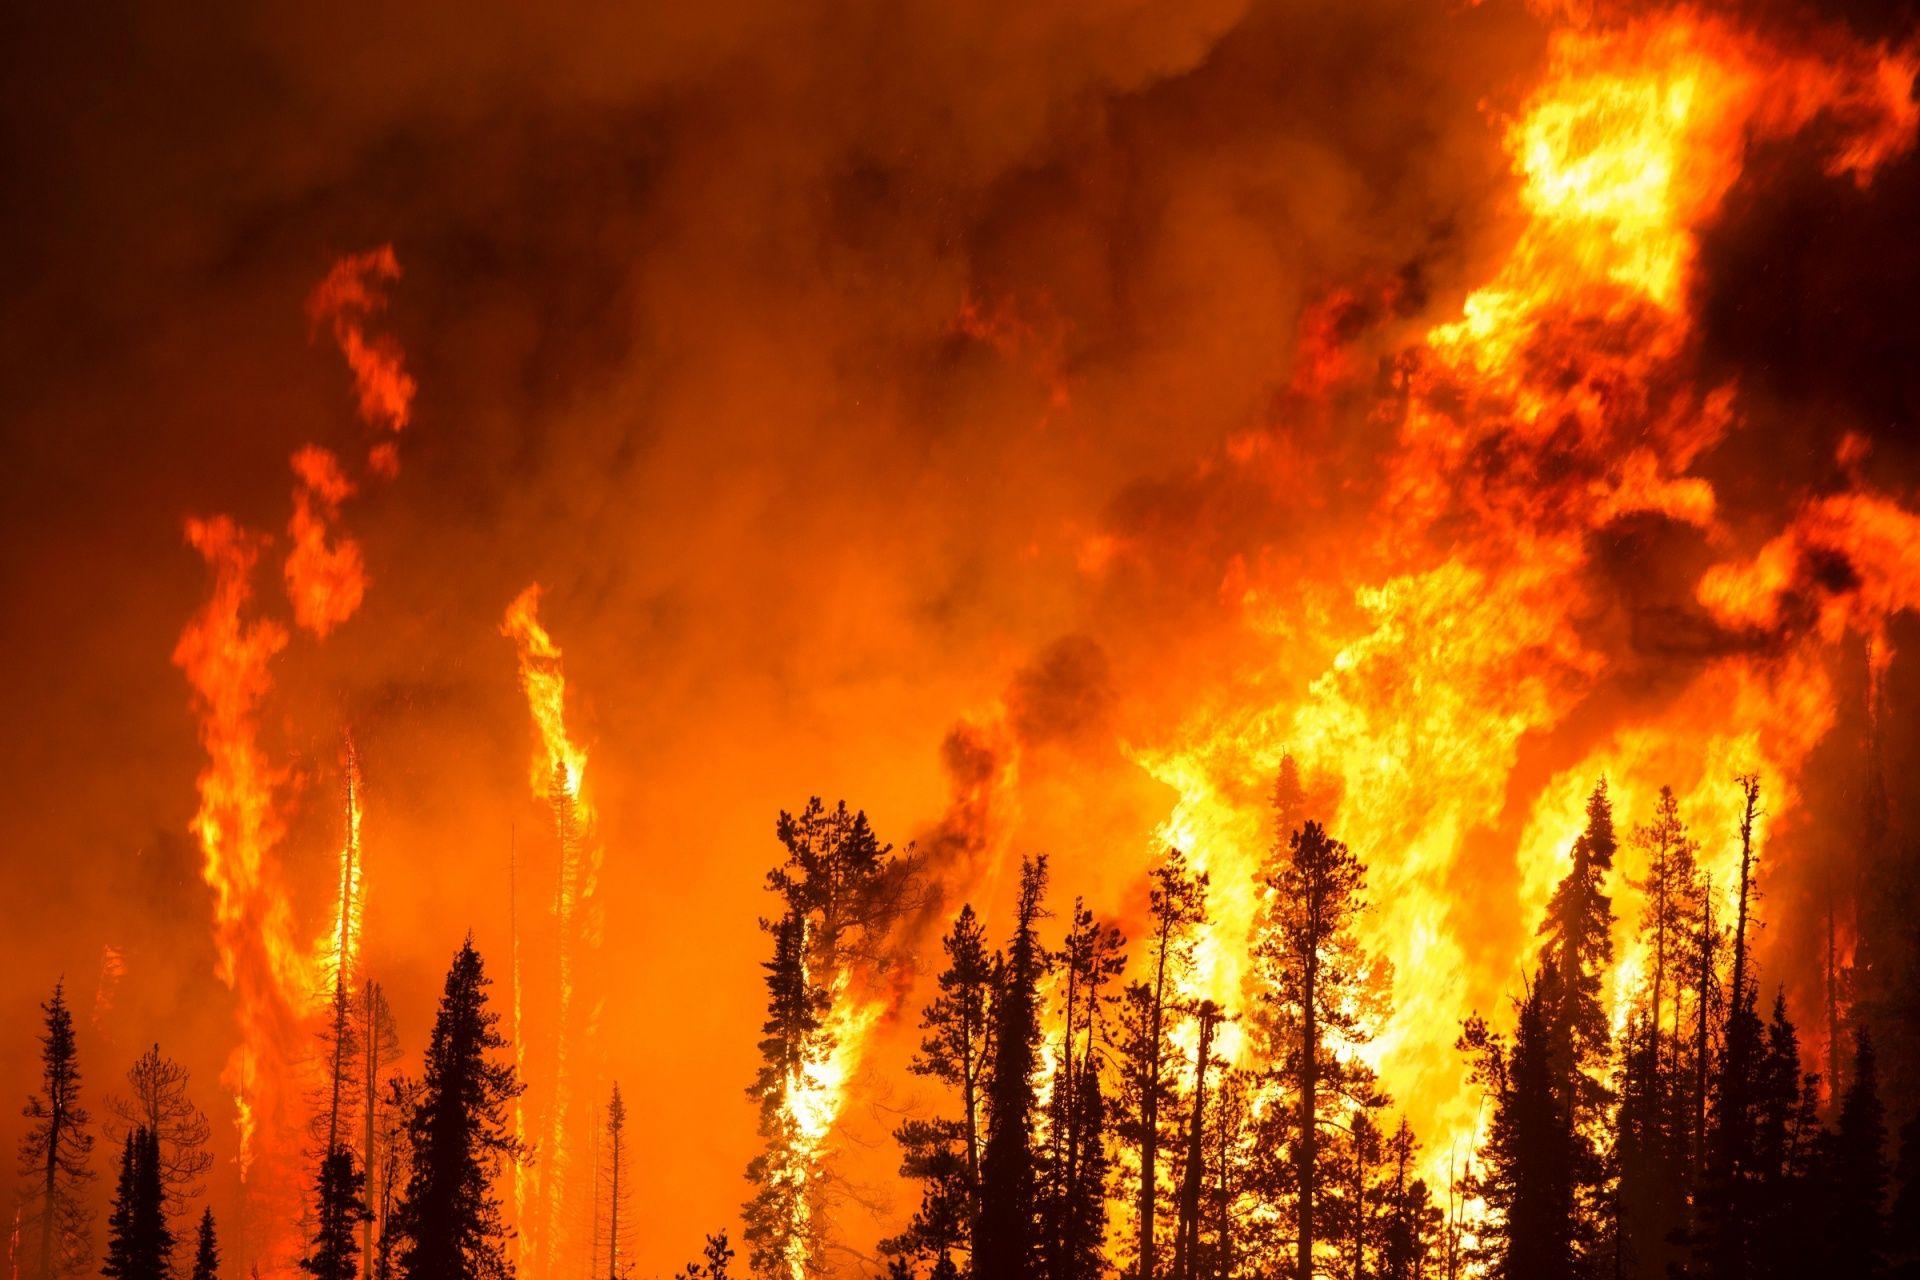 Лесной пожар Бесплатная фотография - Public Domain Pictures